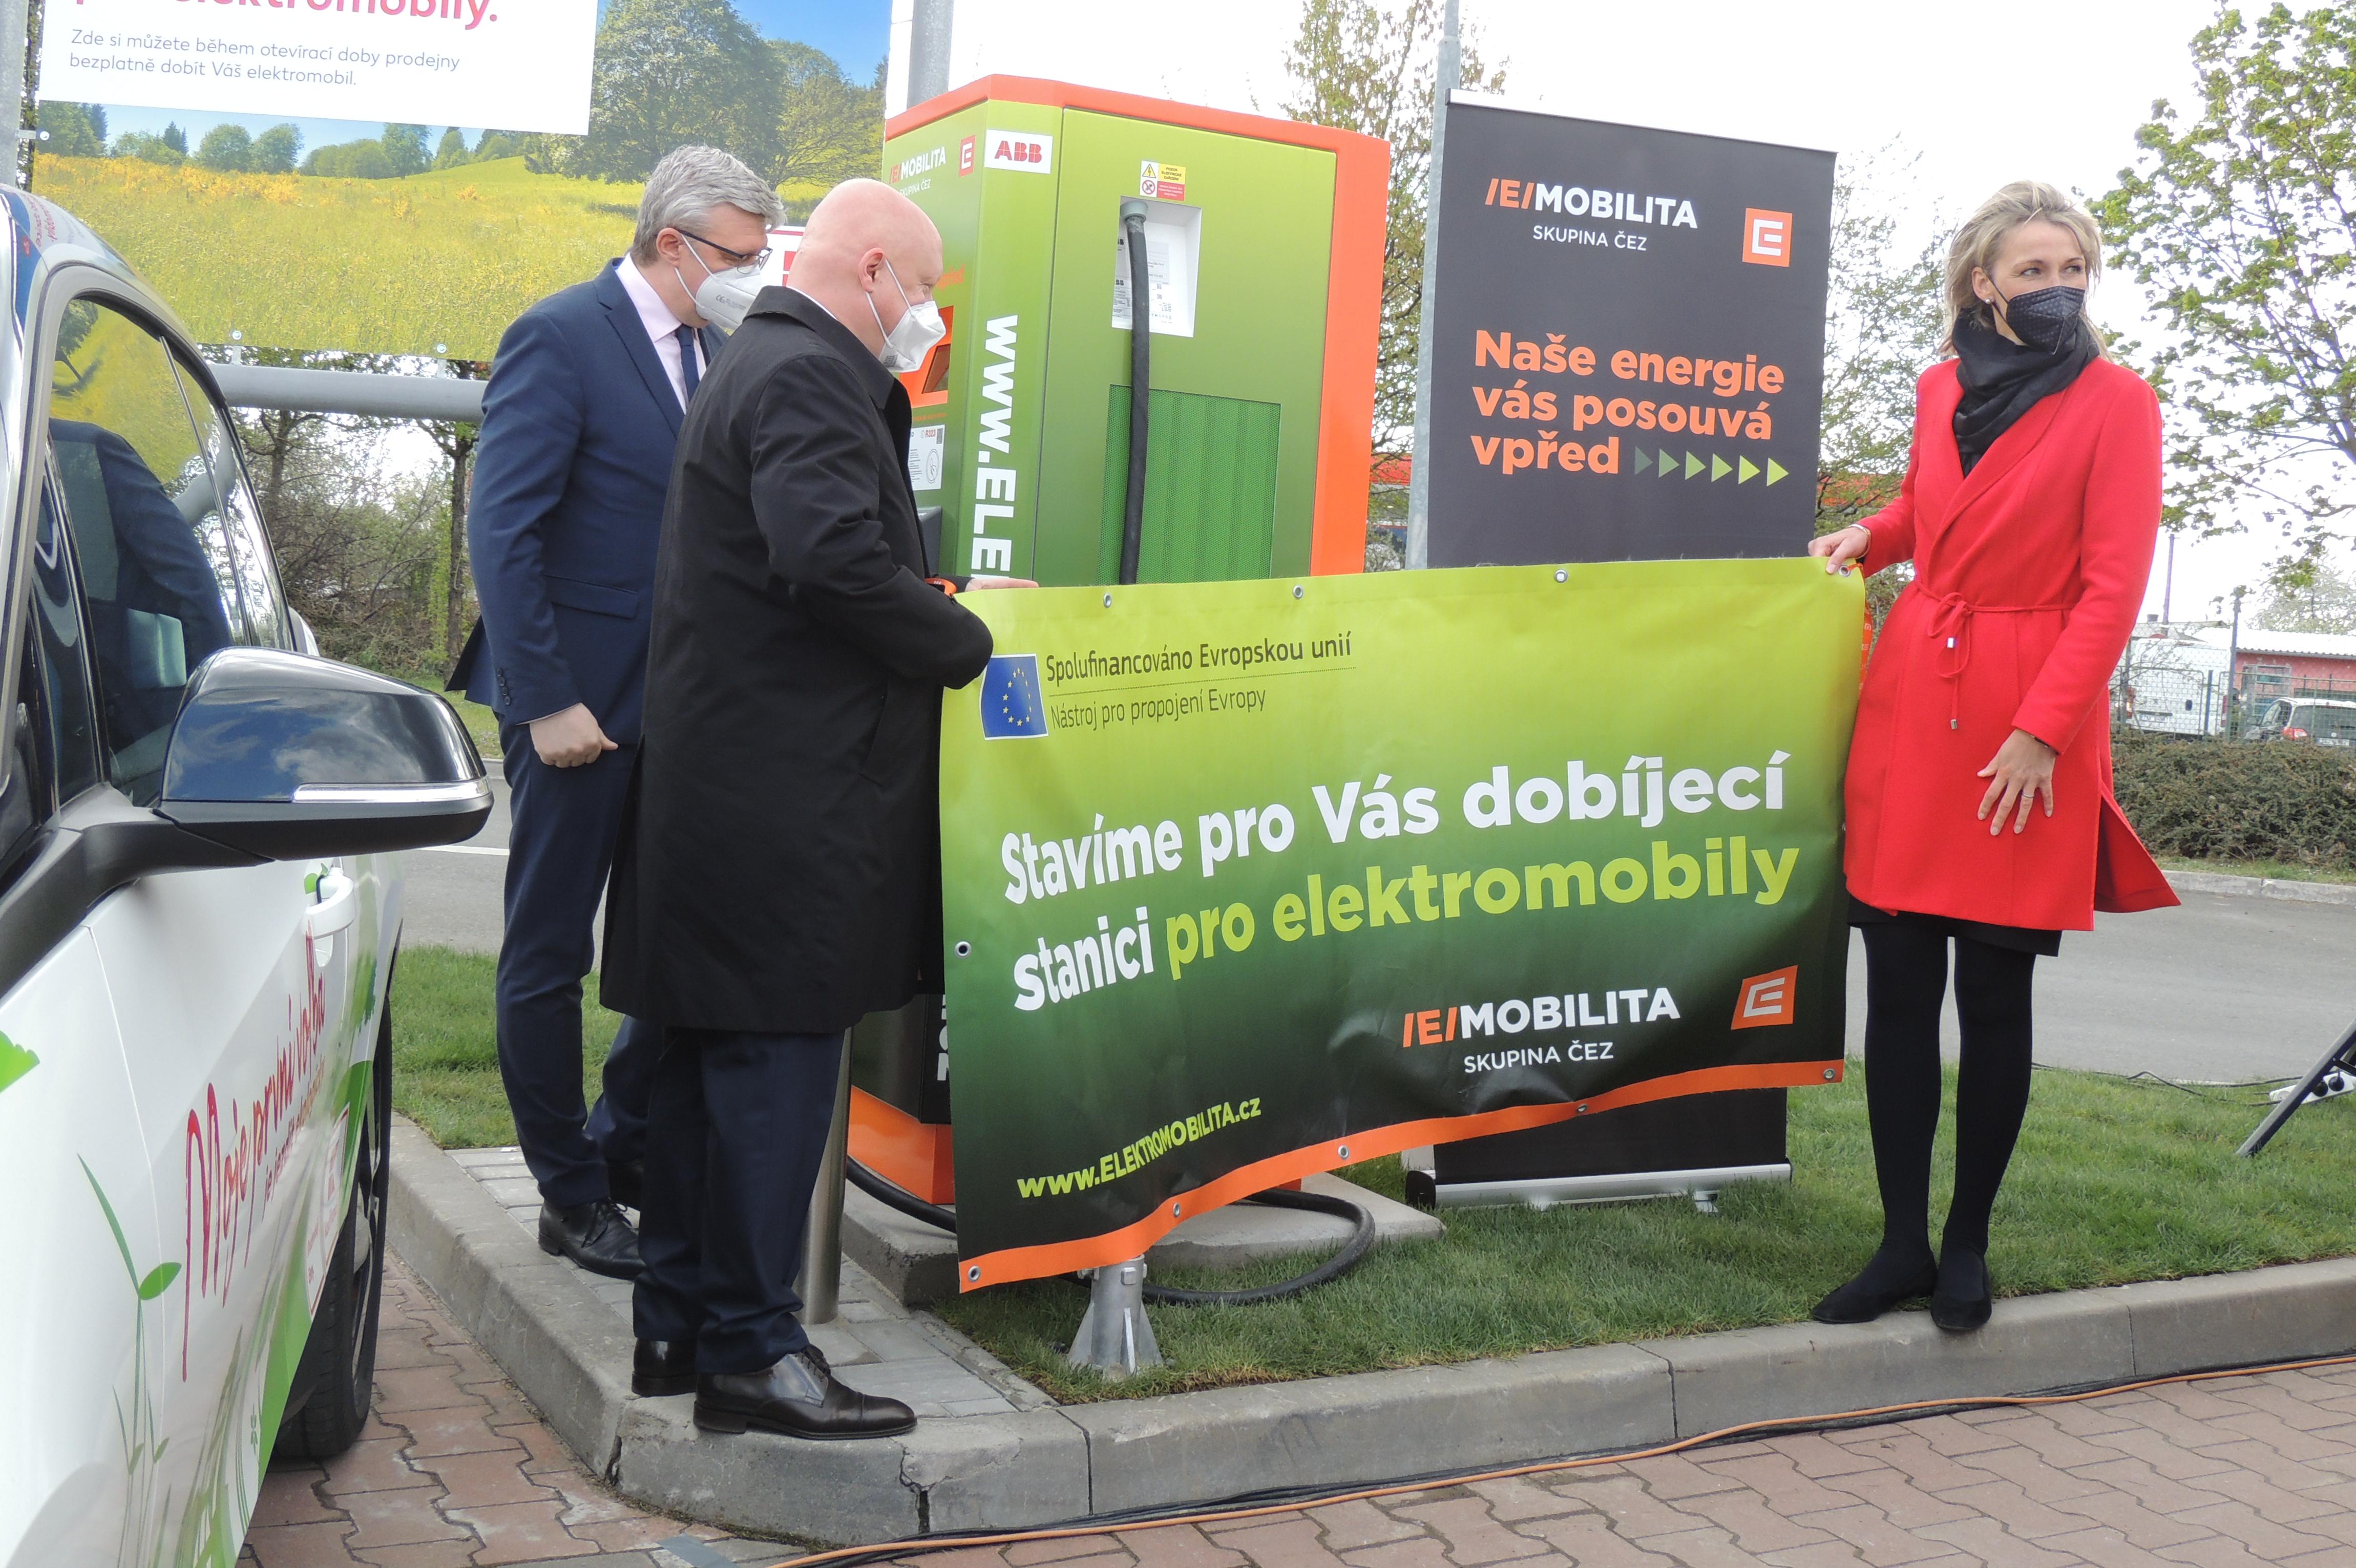 Nymburk už disponuje dobíjecí stanicí pro elektromobily